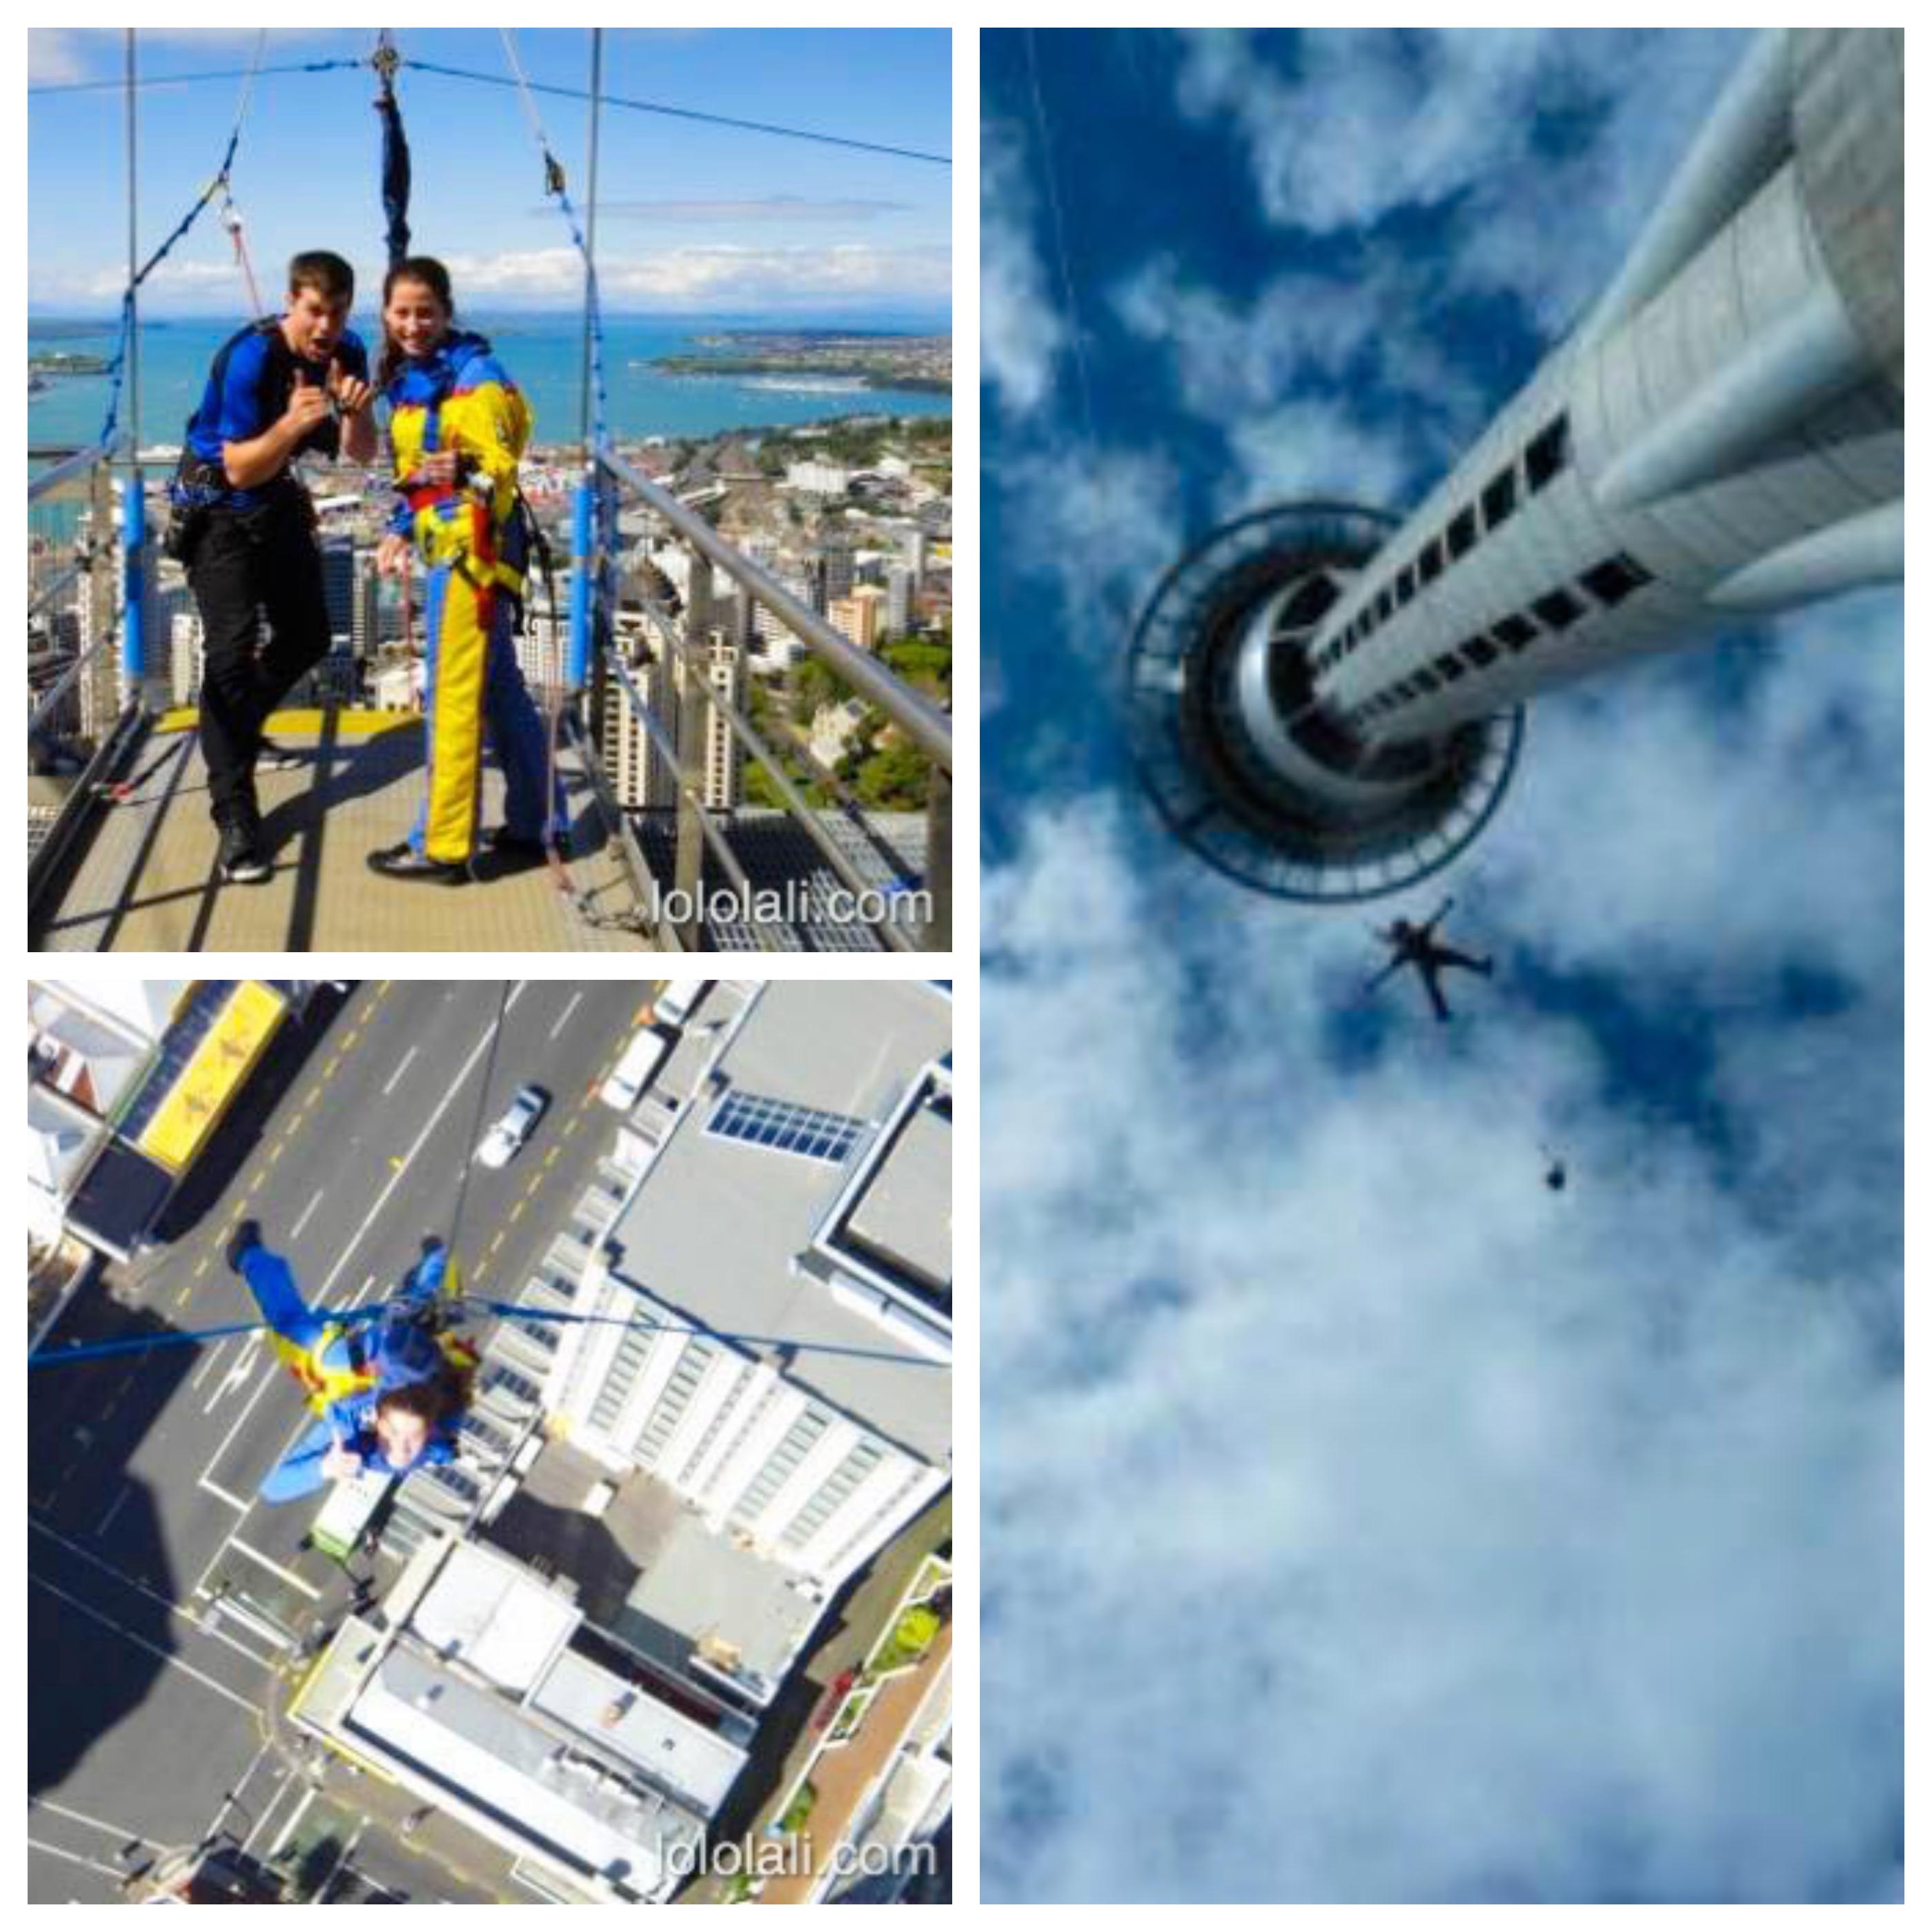 Lali tirándose del Sky Tower, Auckland, Nueva Zelanda, Oceanía